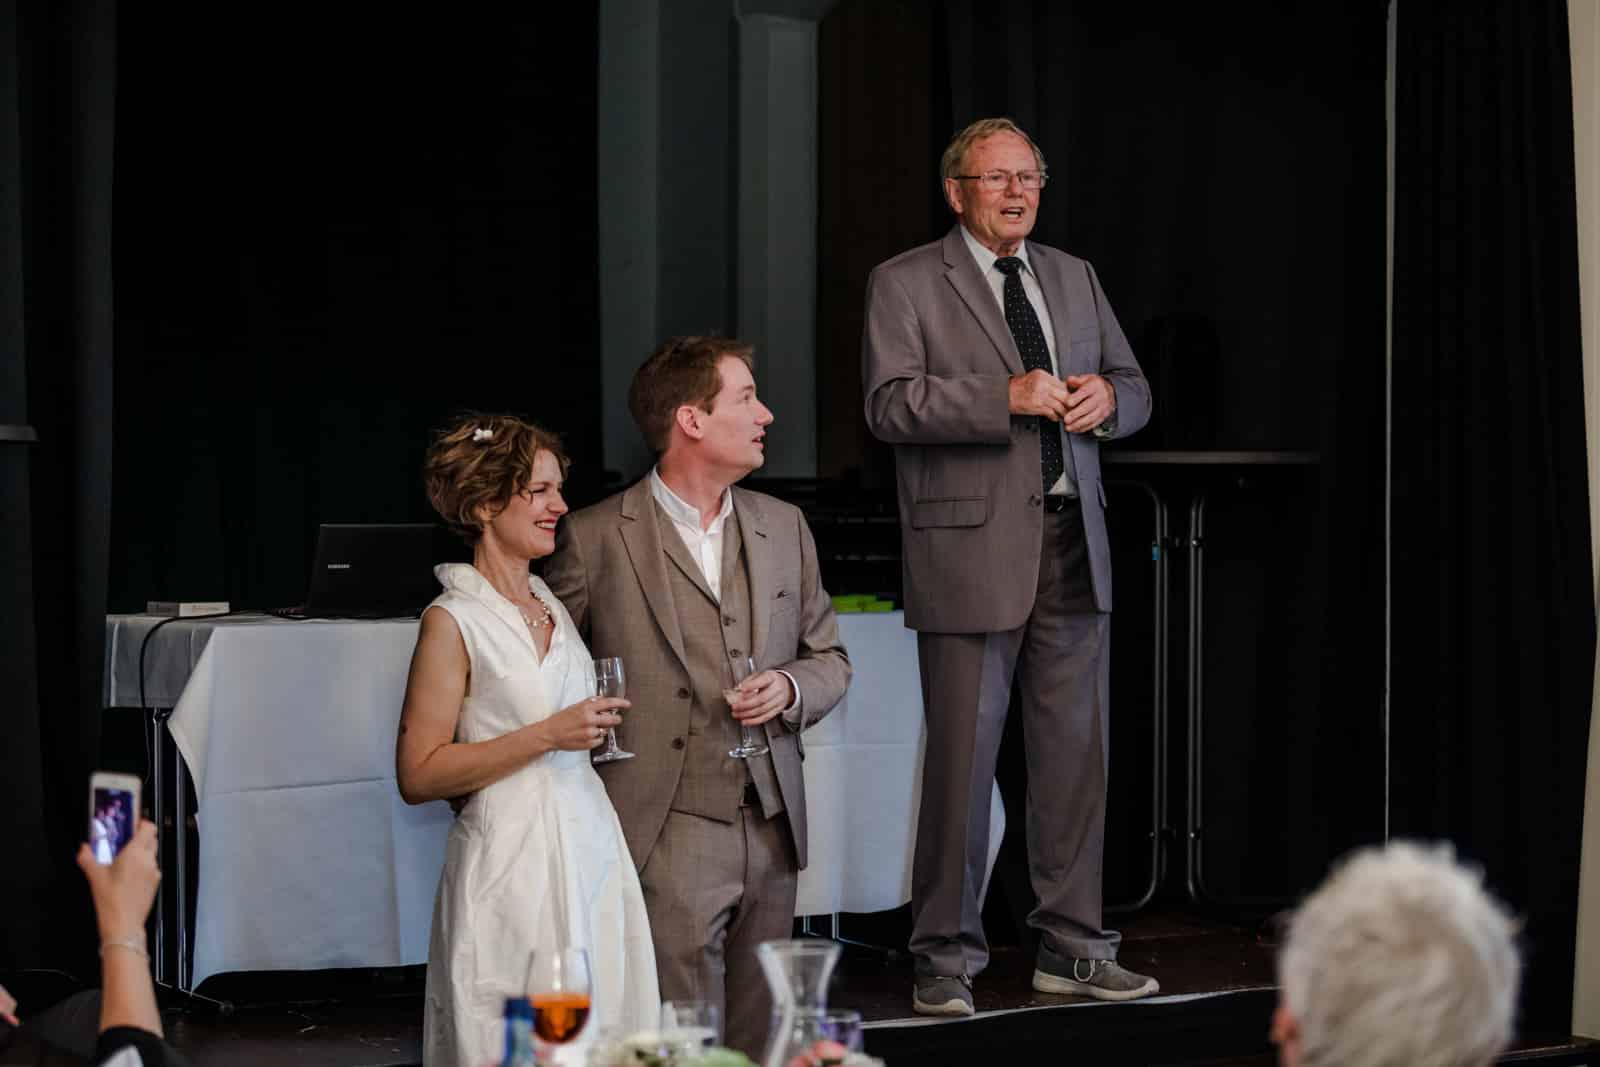 Vater hält Rede zum Brautpaar Prinz-Emil-Schlösschen in Darmstadt.